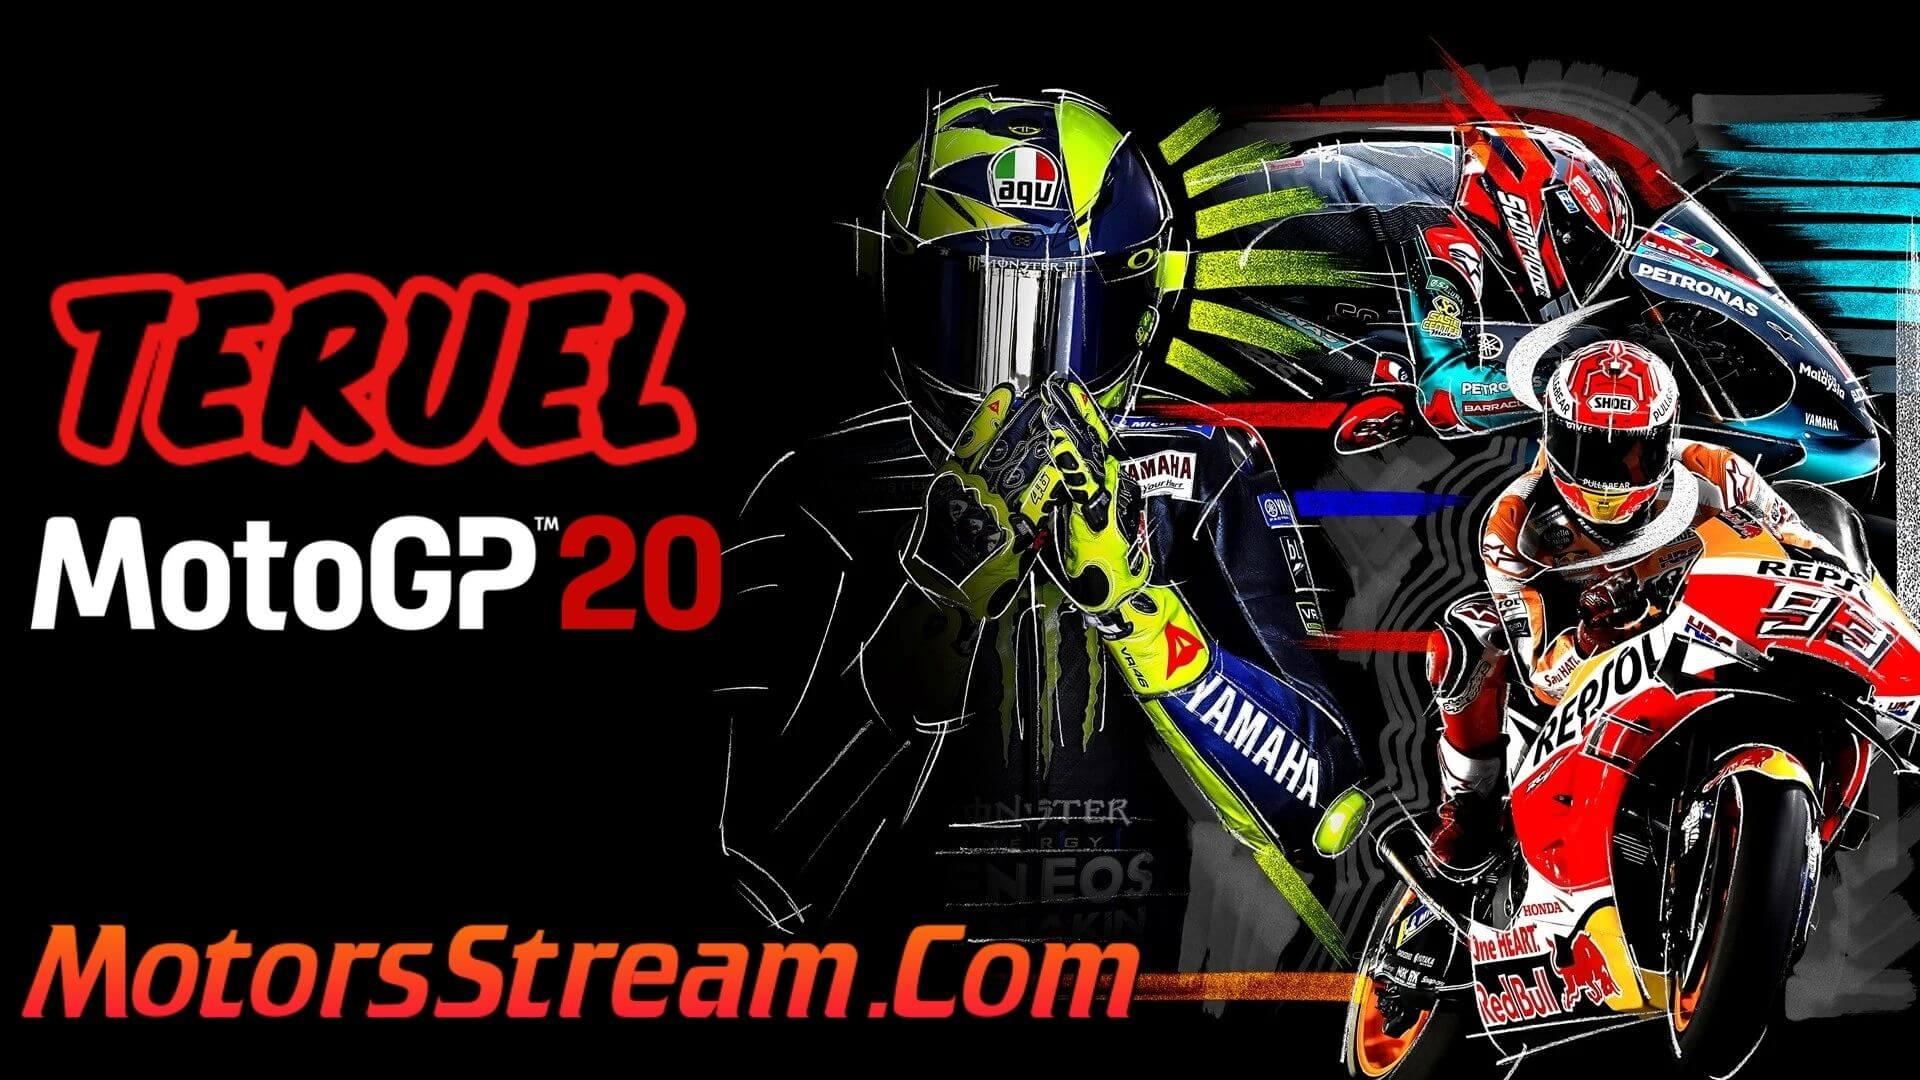 Motogp Teruel Spain Live Stream